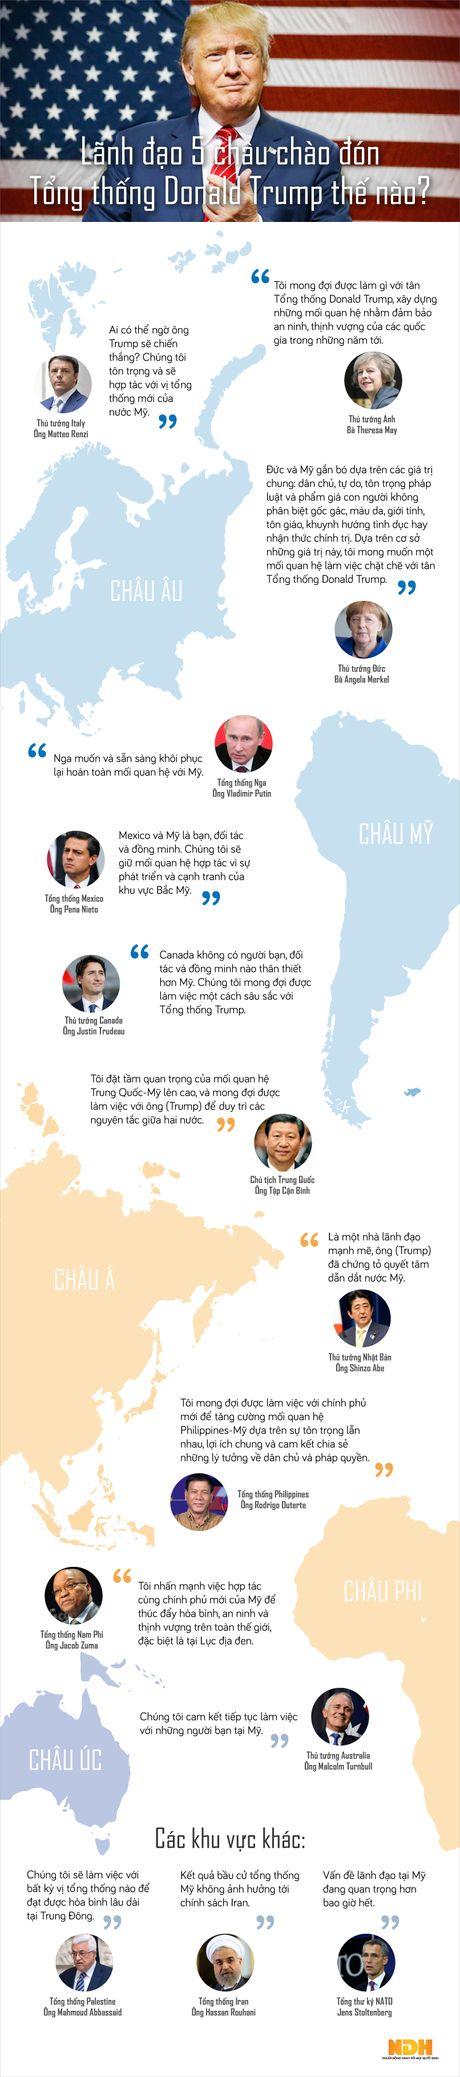 Lanh dao 5 chau chao don Tong thong Donald Trump the nao? - Anh 1